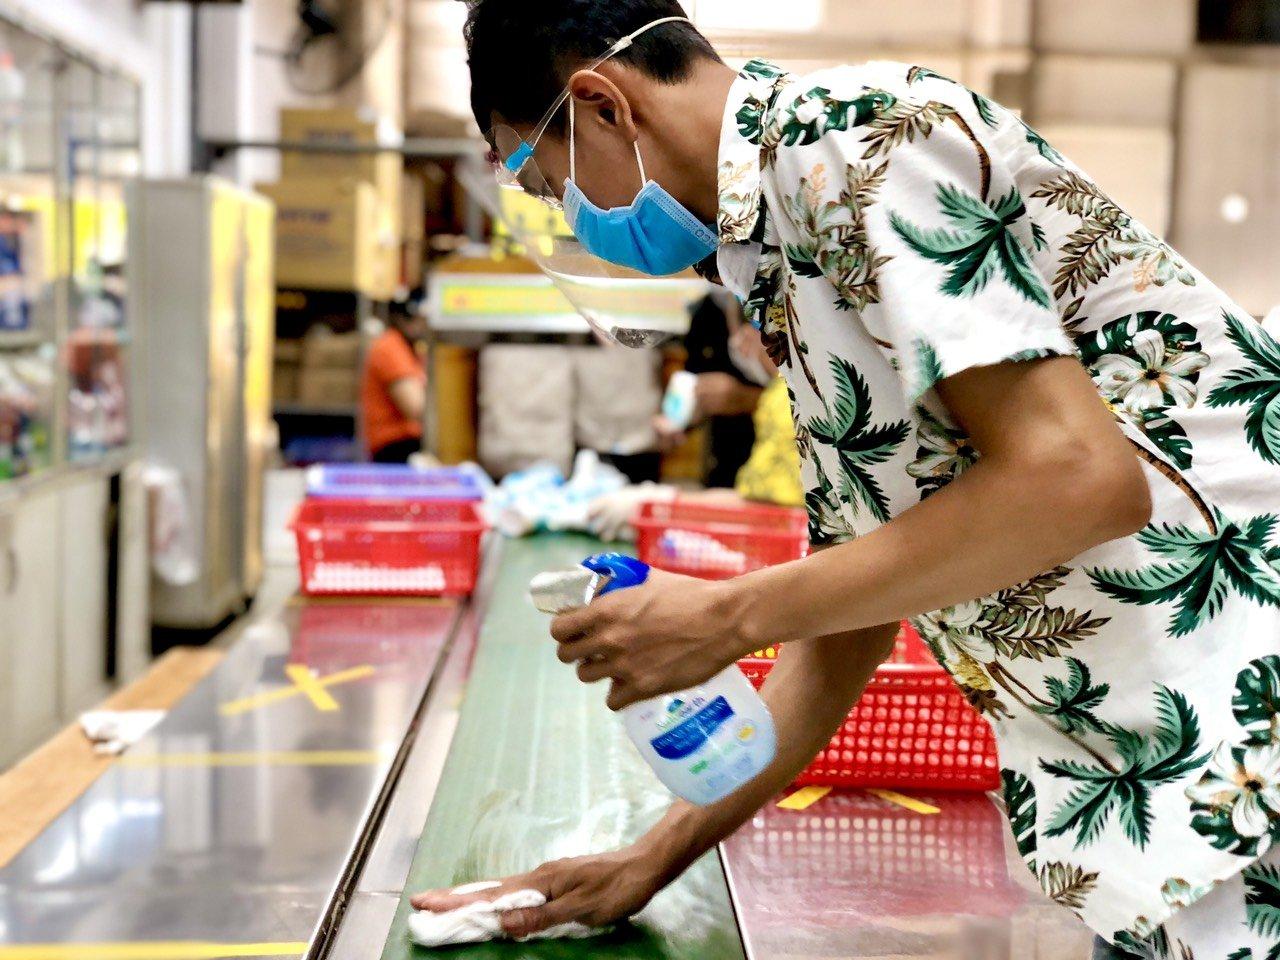 """Doanh nghiệp ở Bình Dương muốn duy trì sản xuất """"3 tại chỗ"""" trong an toàn - Ảnh 2."""